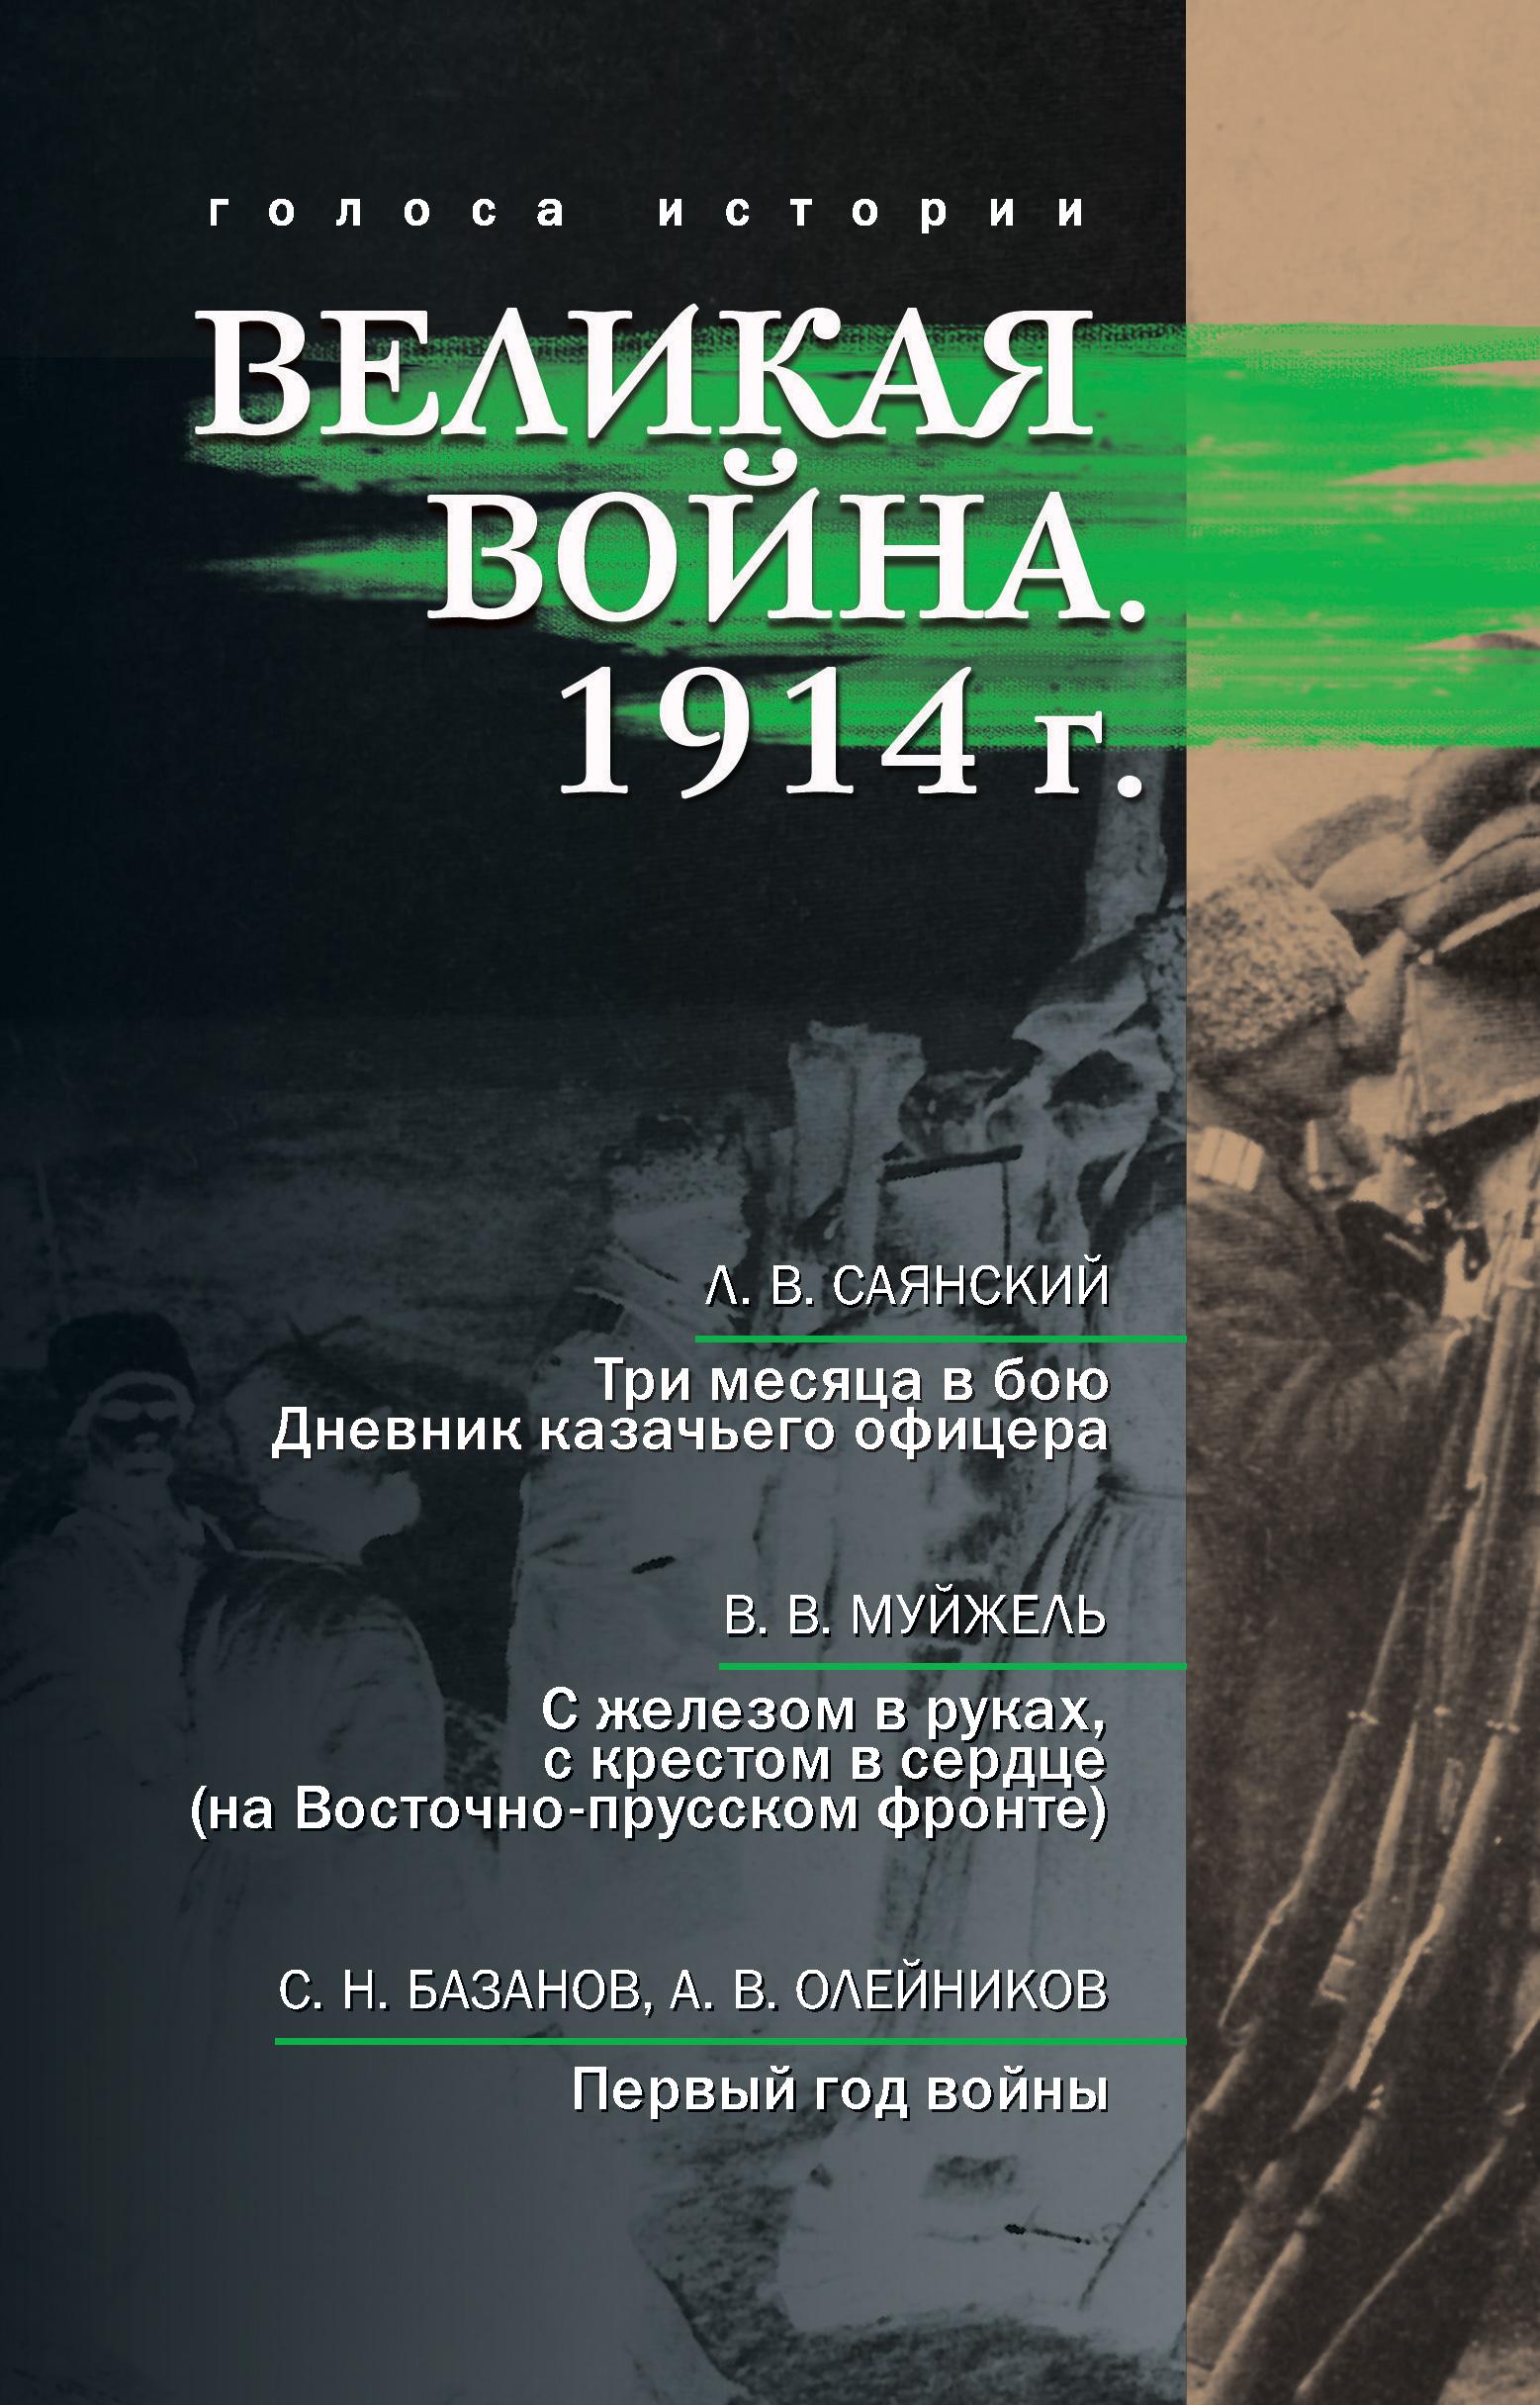 купить Сергей Базанов Великая война. 1914 г. (сборник) по цене 120 рублей